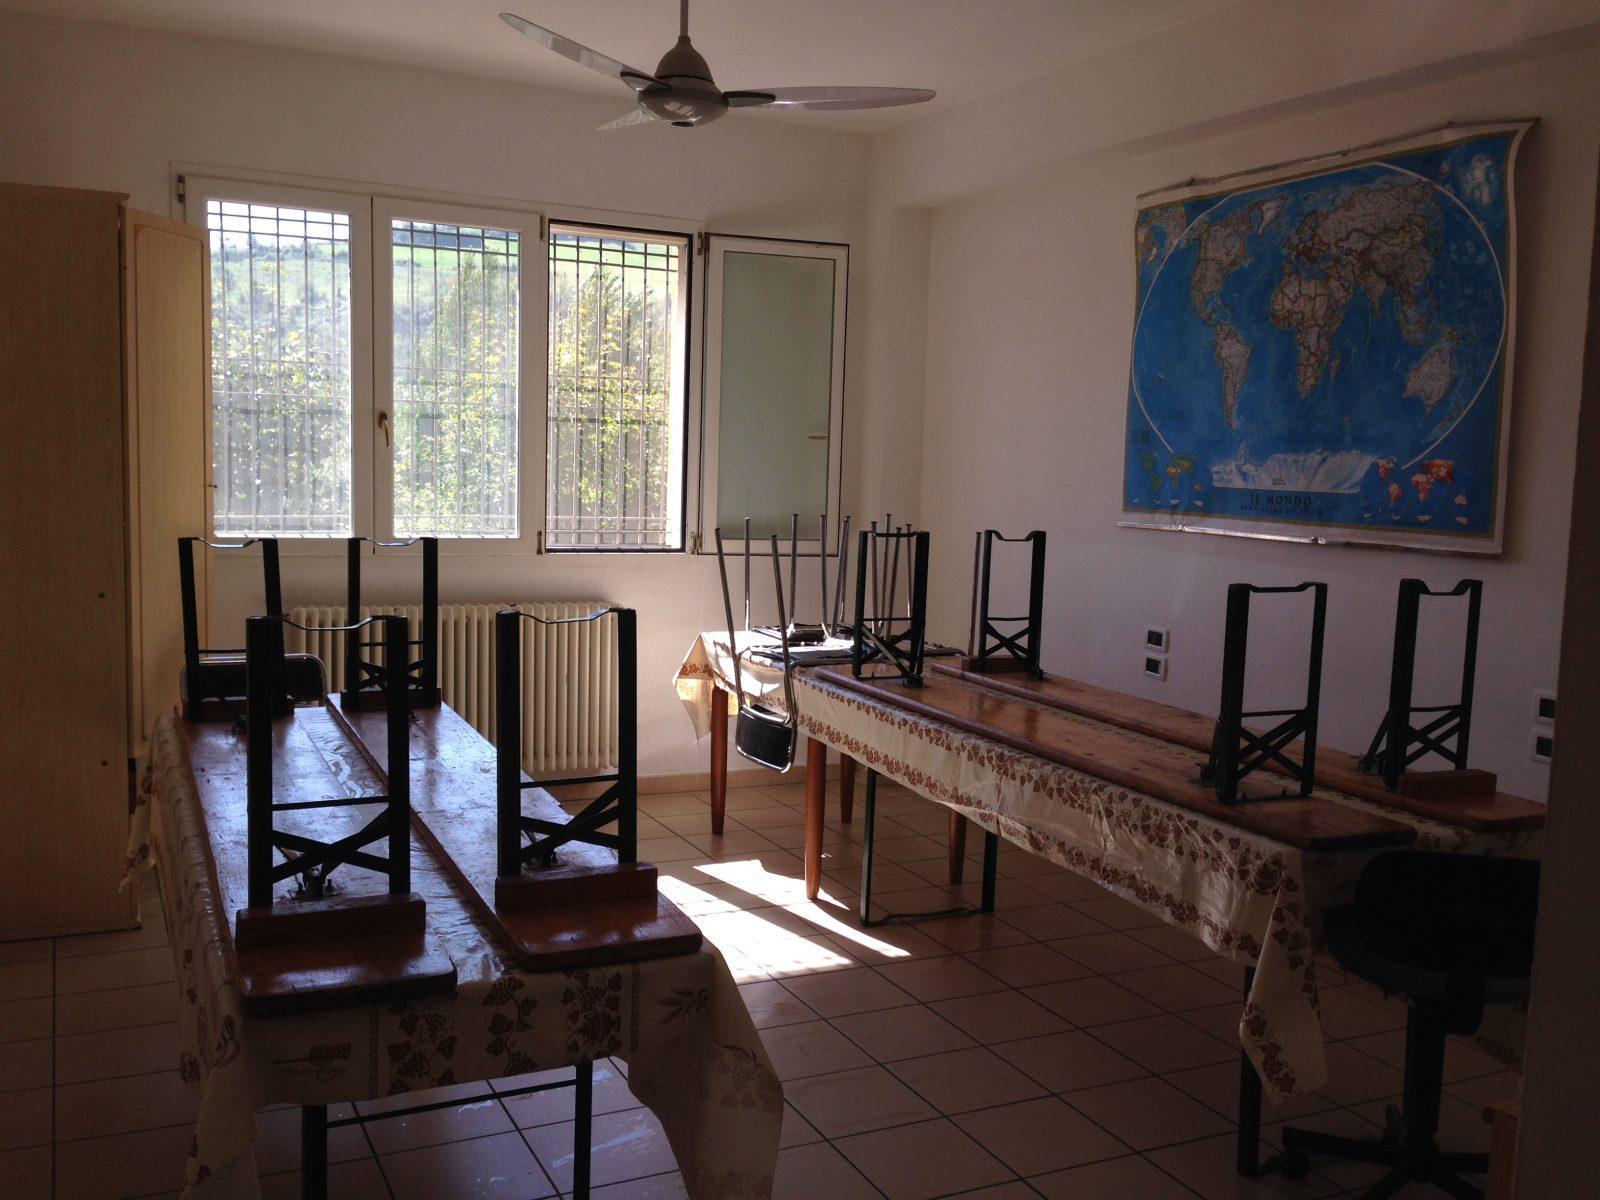 Comunità educativa residenziale Itaca